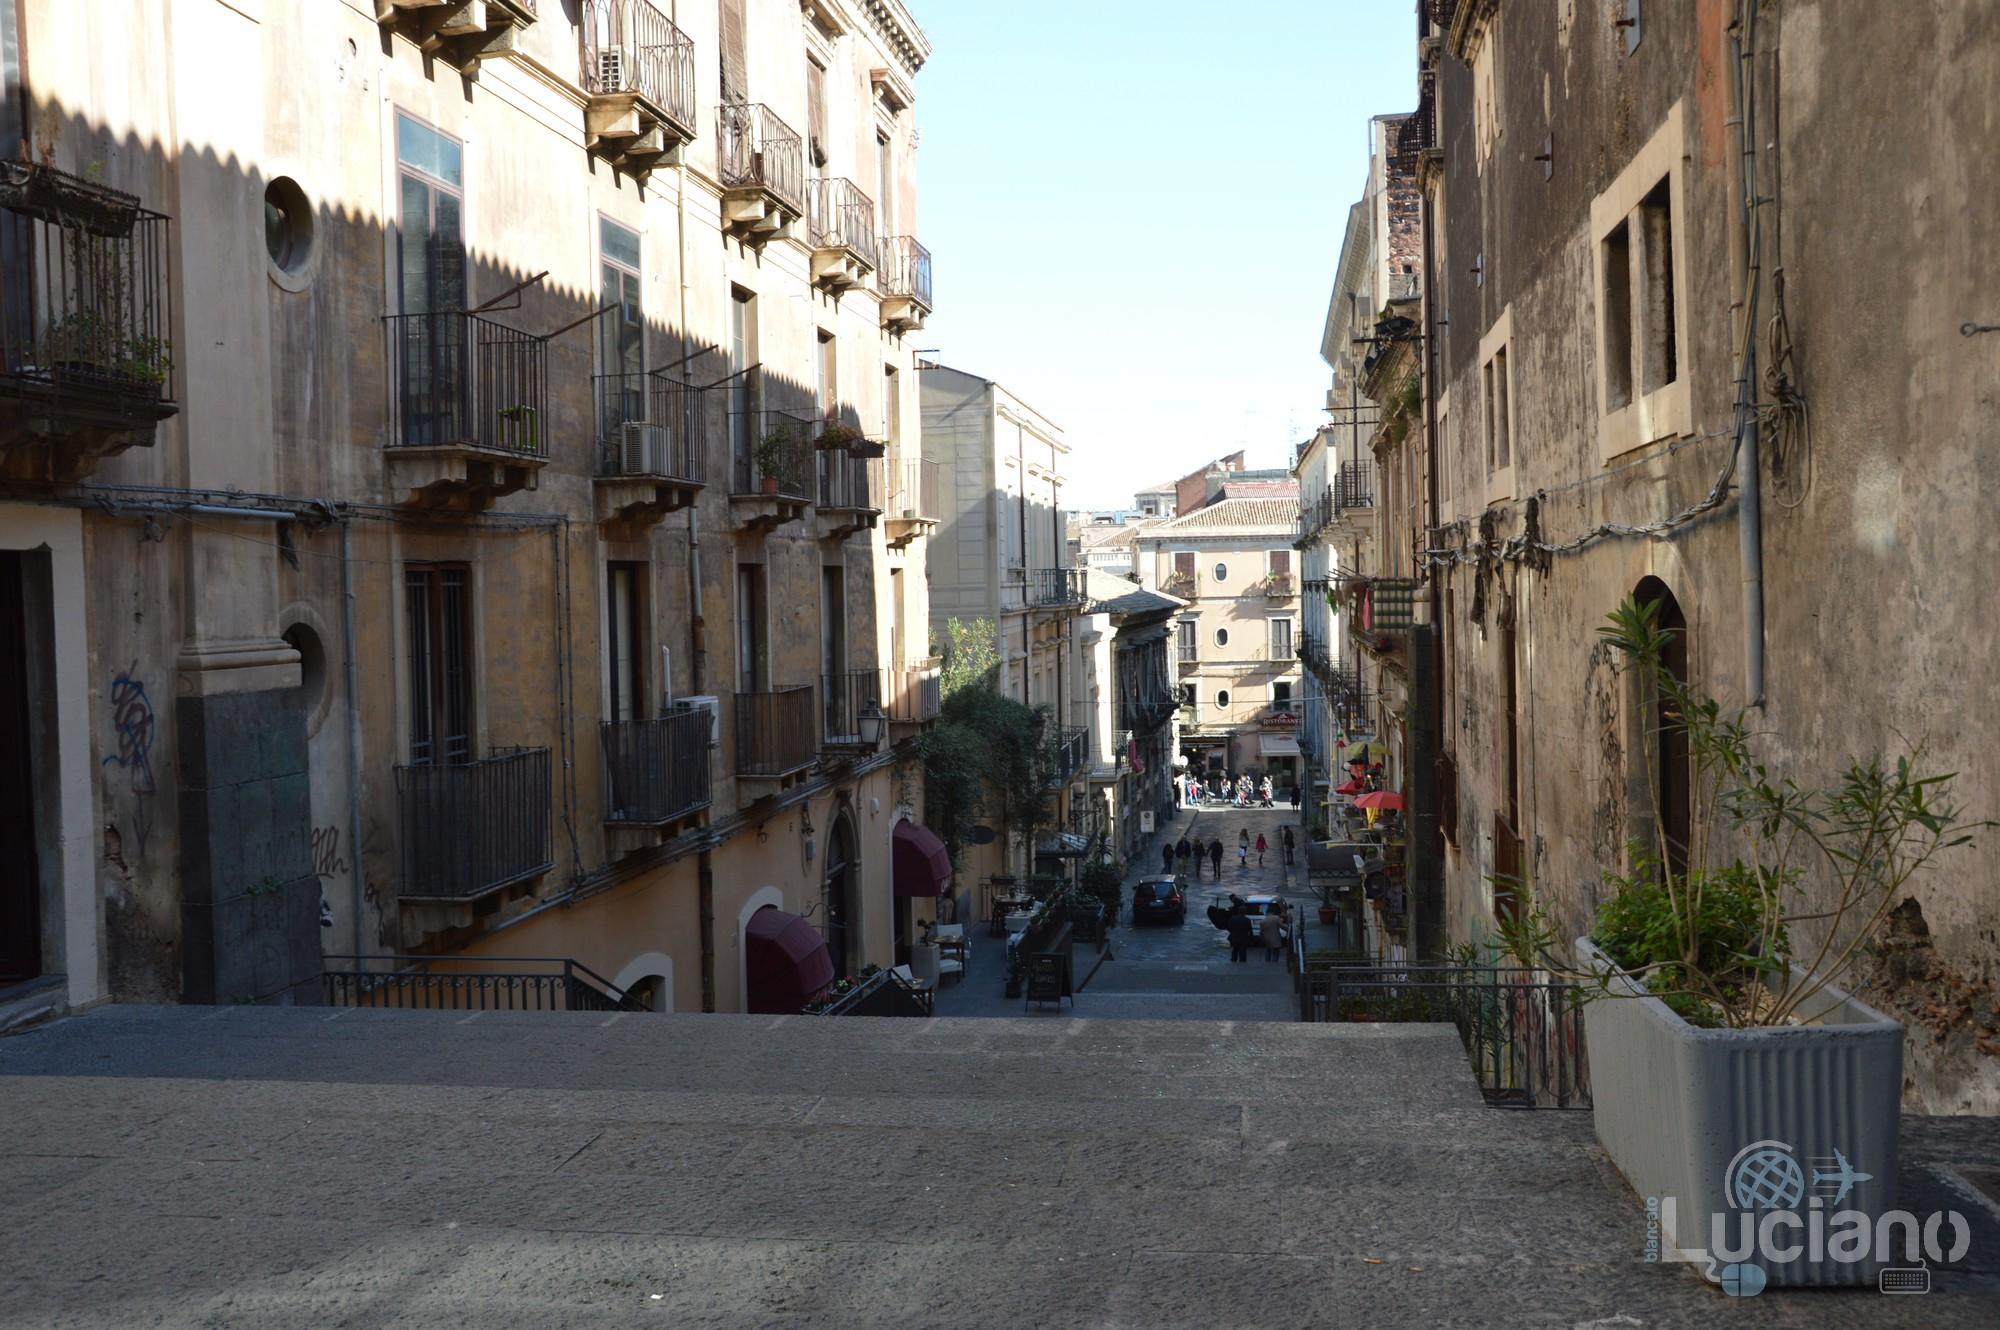 Via/Scalinata Alessi, durante i festeggiamenti per Sant'Agata 2019 - Catania (CT)